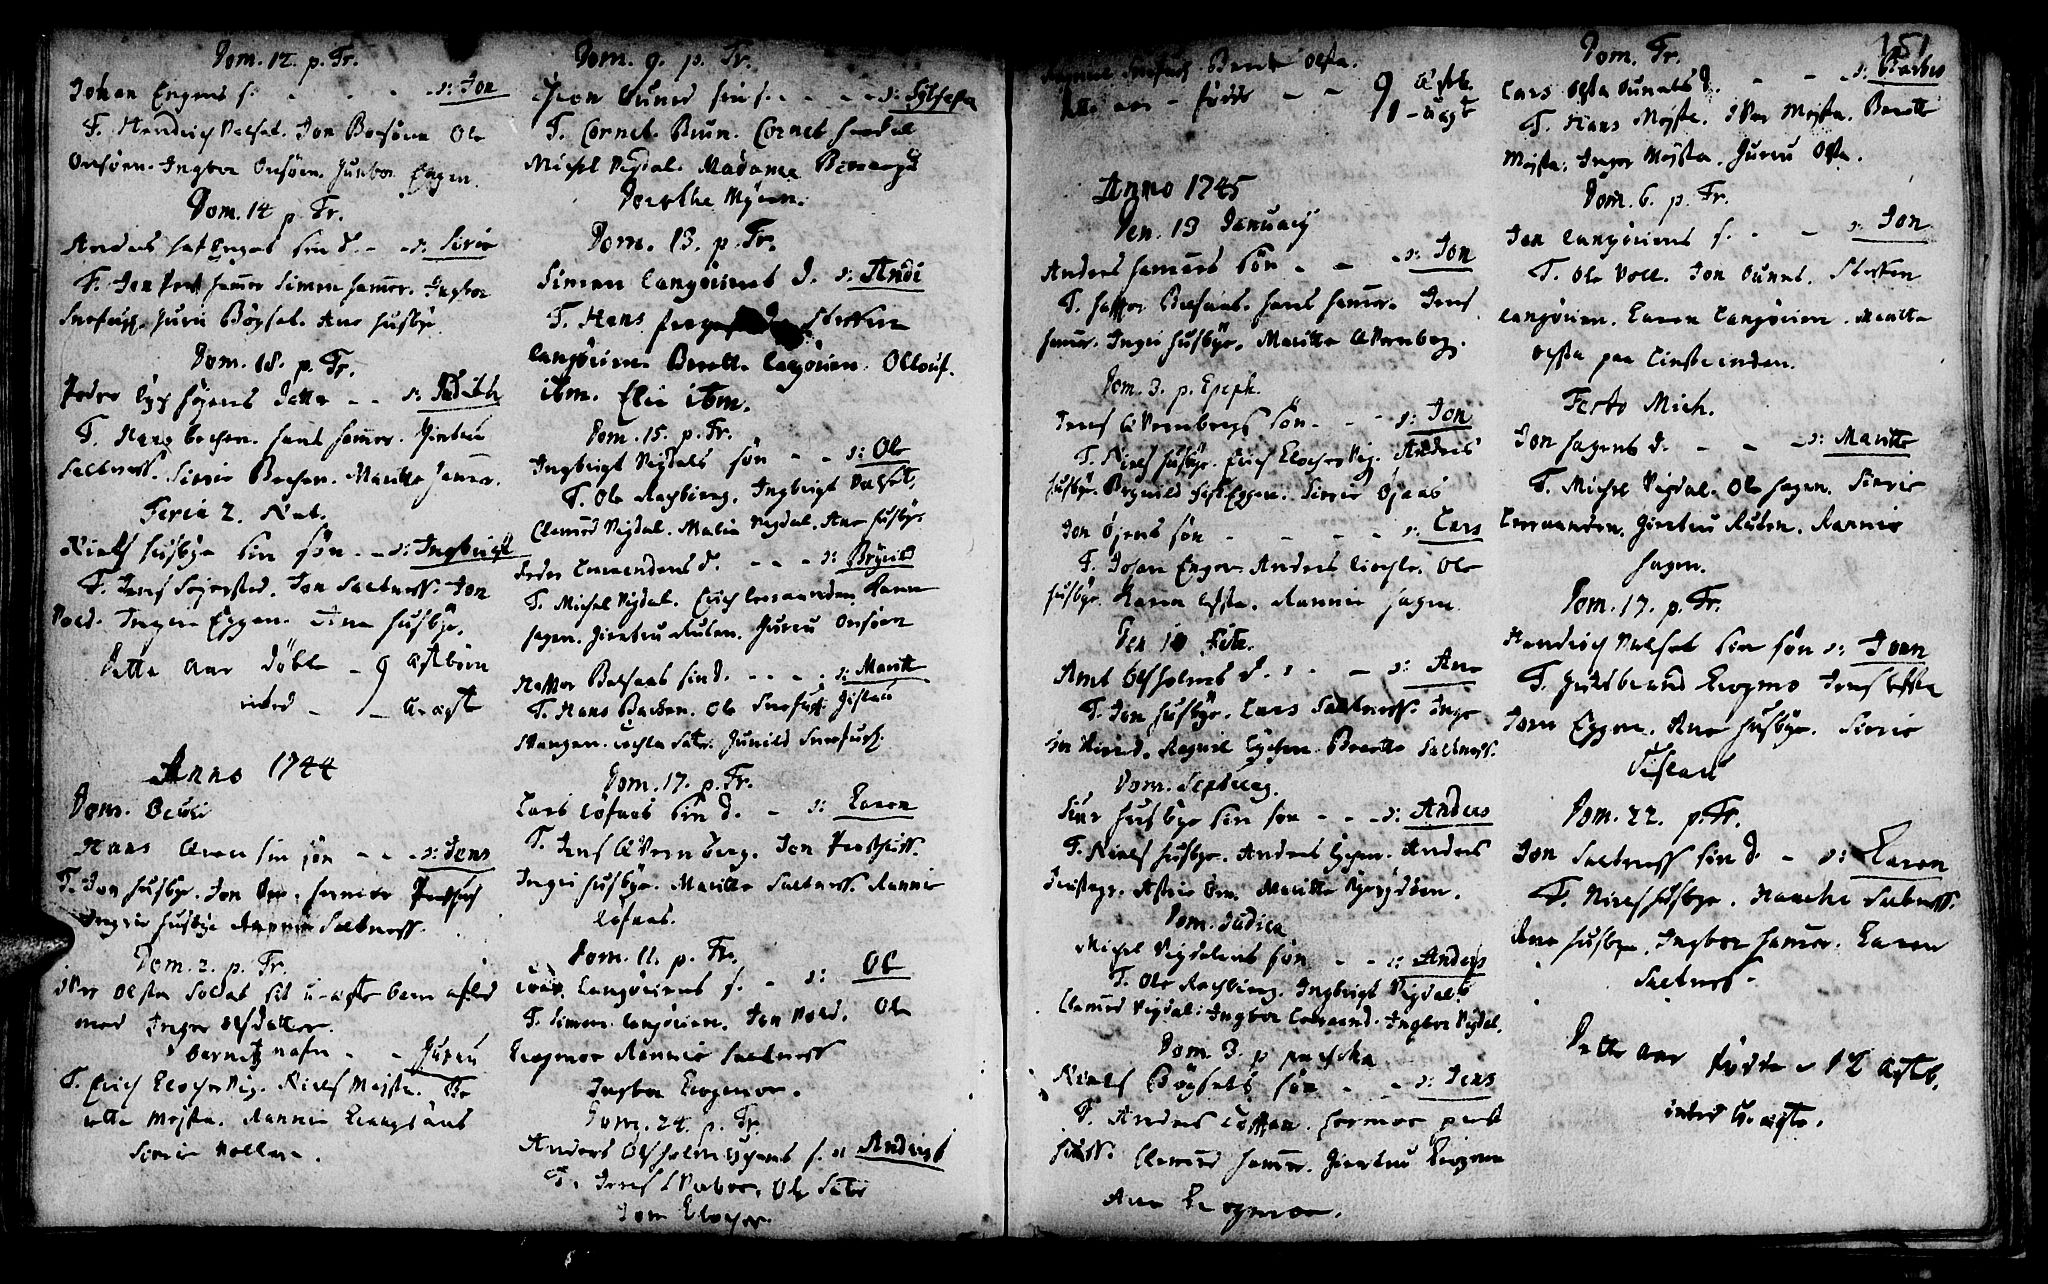 SAT, Ministerialprotokoller, klokkerbøker og fødselsregistre - Sør-Trøndelag, 666/L0783: Ministerialbok nr. 666A01, 1702-1753, s. 151